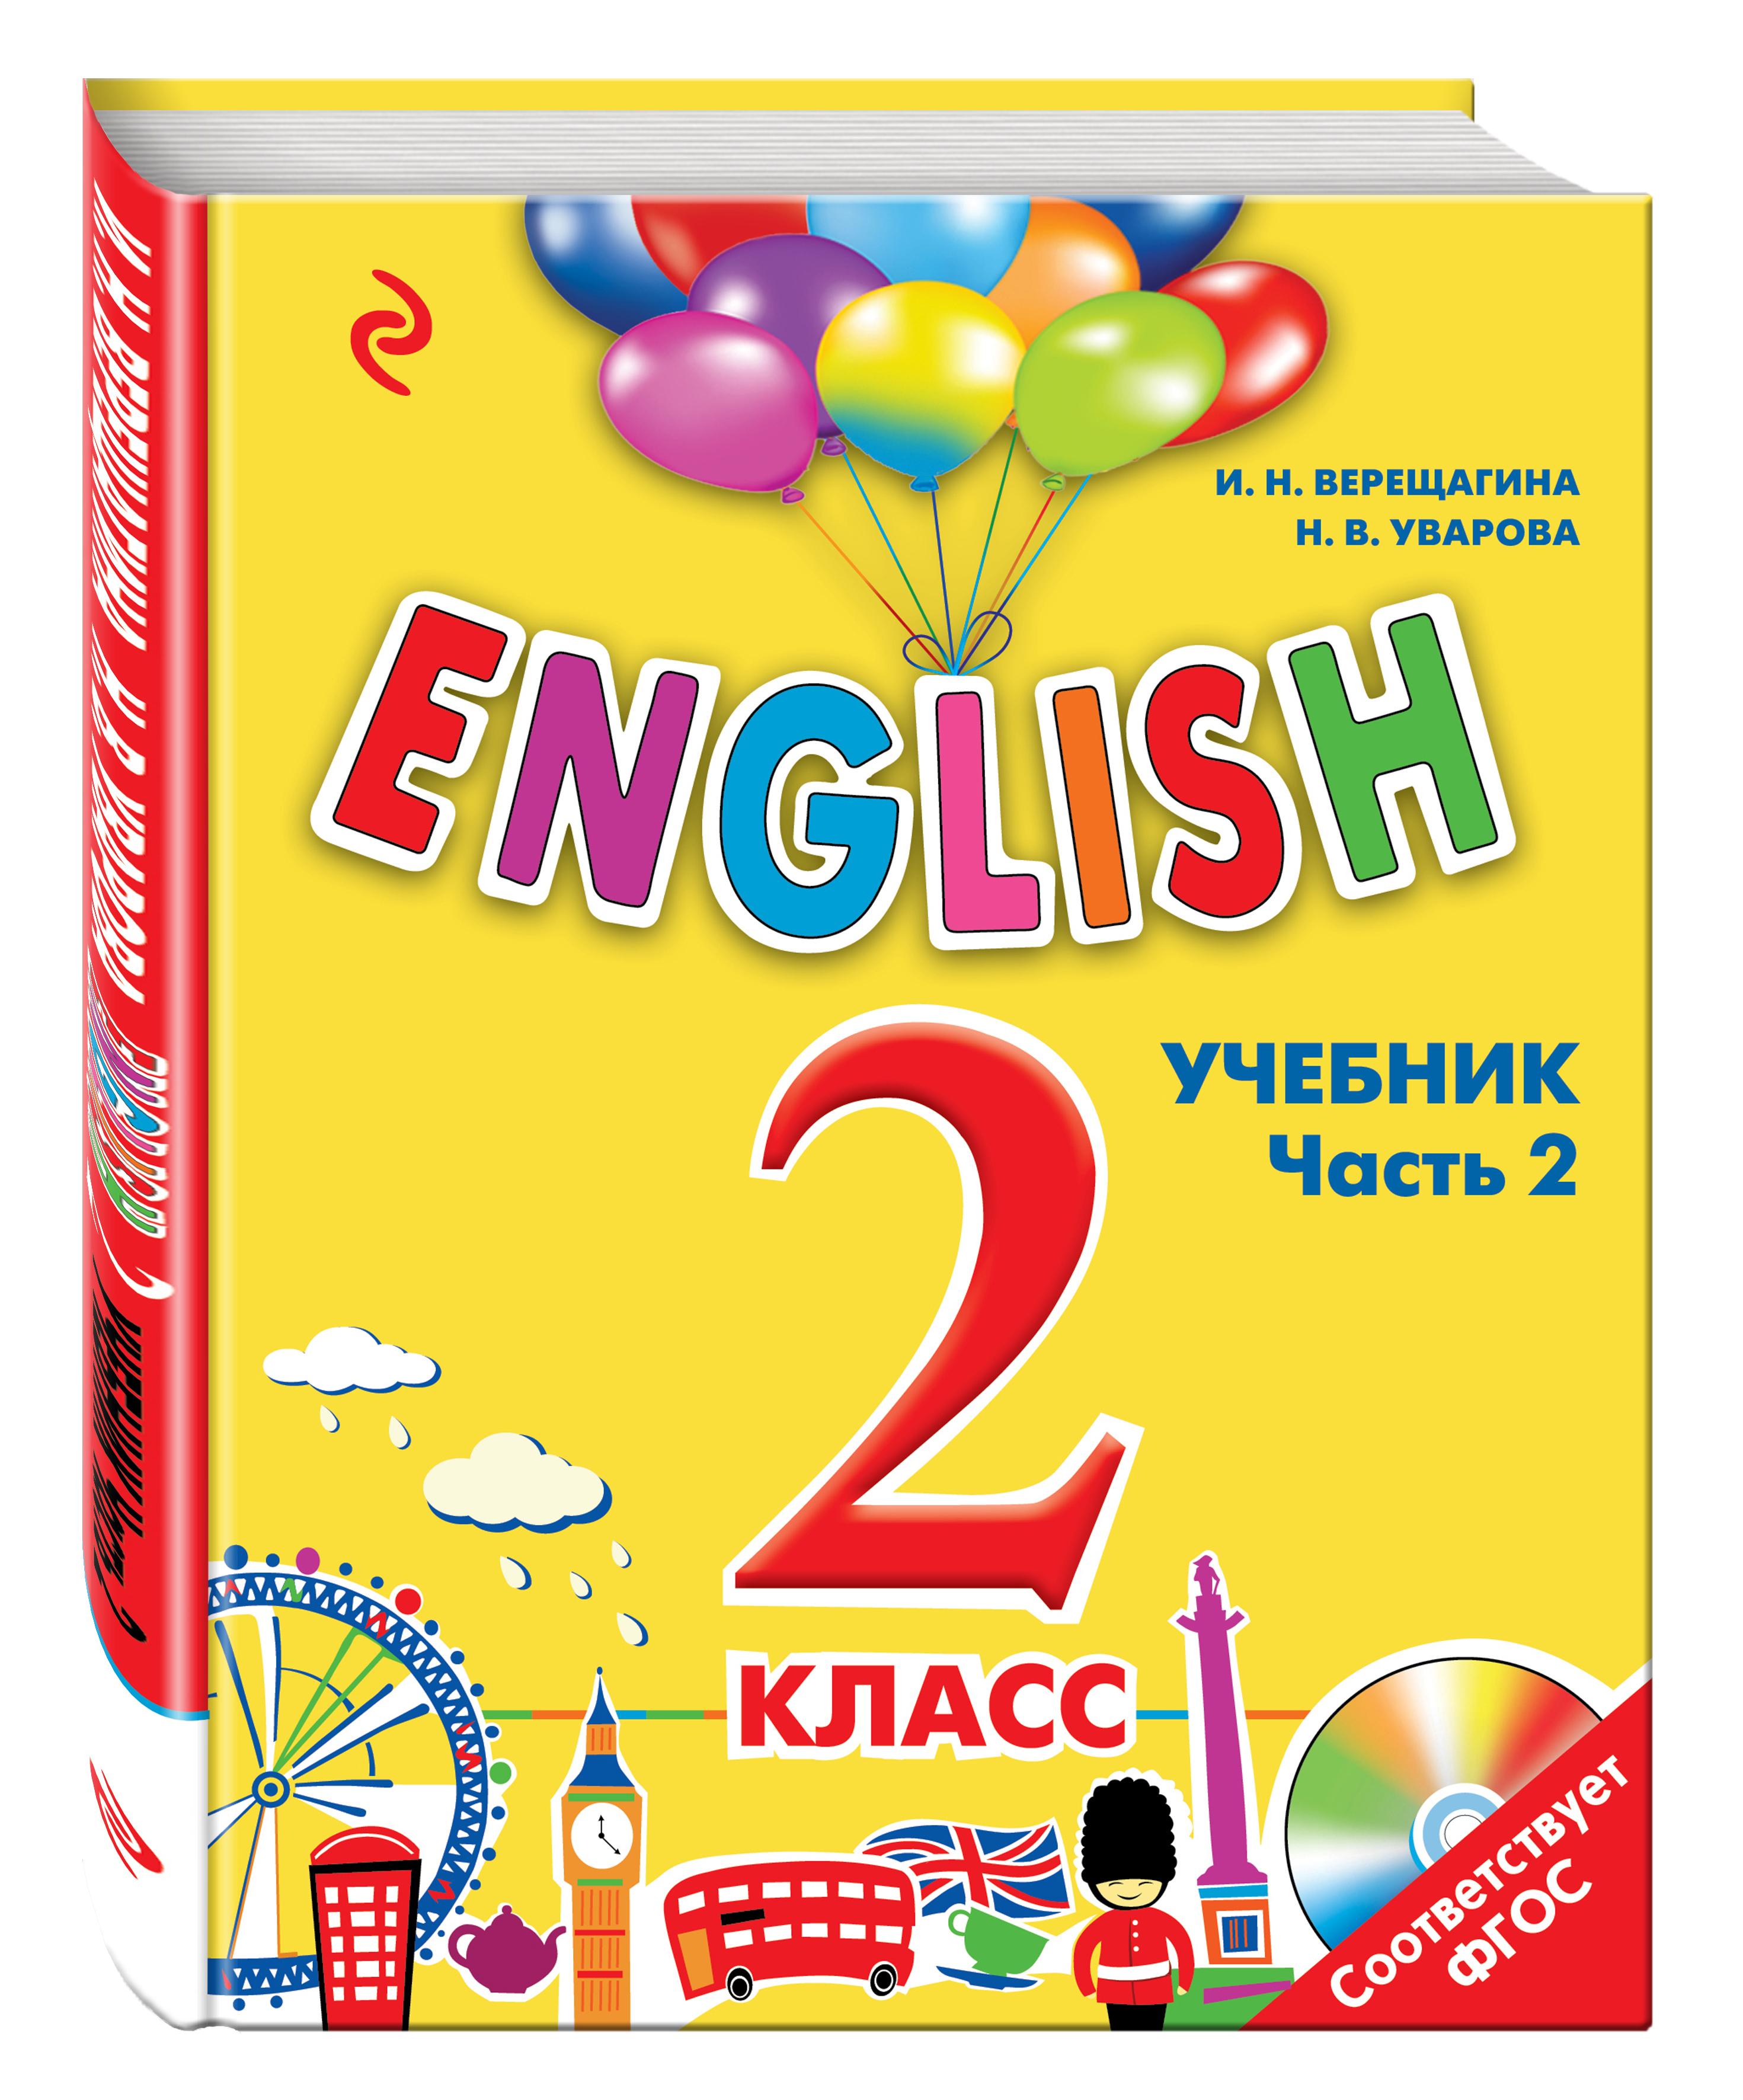 ENGLISH. 2 класс. Учебник. Часть 2 + компакт-диск MP3 ( И.Н. Верещагина, Н.В. Уварова  )